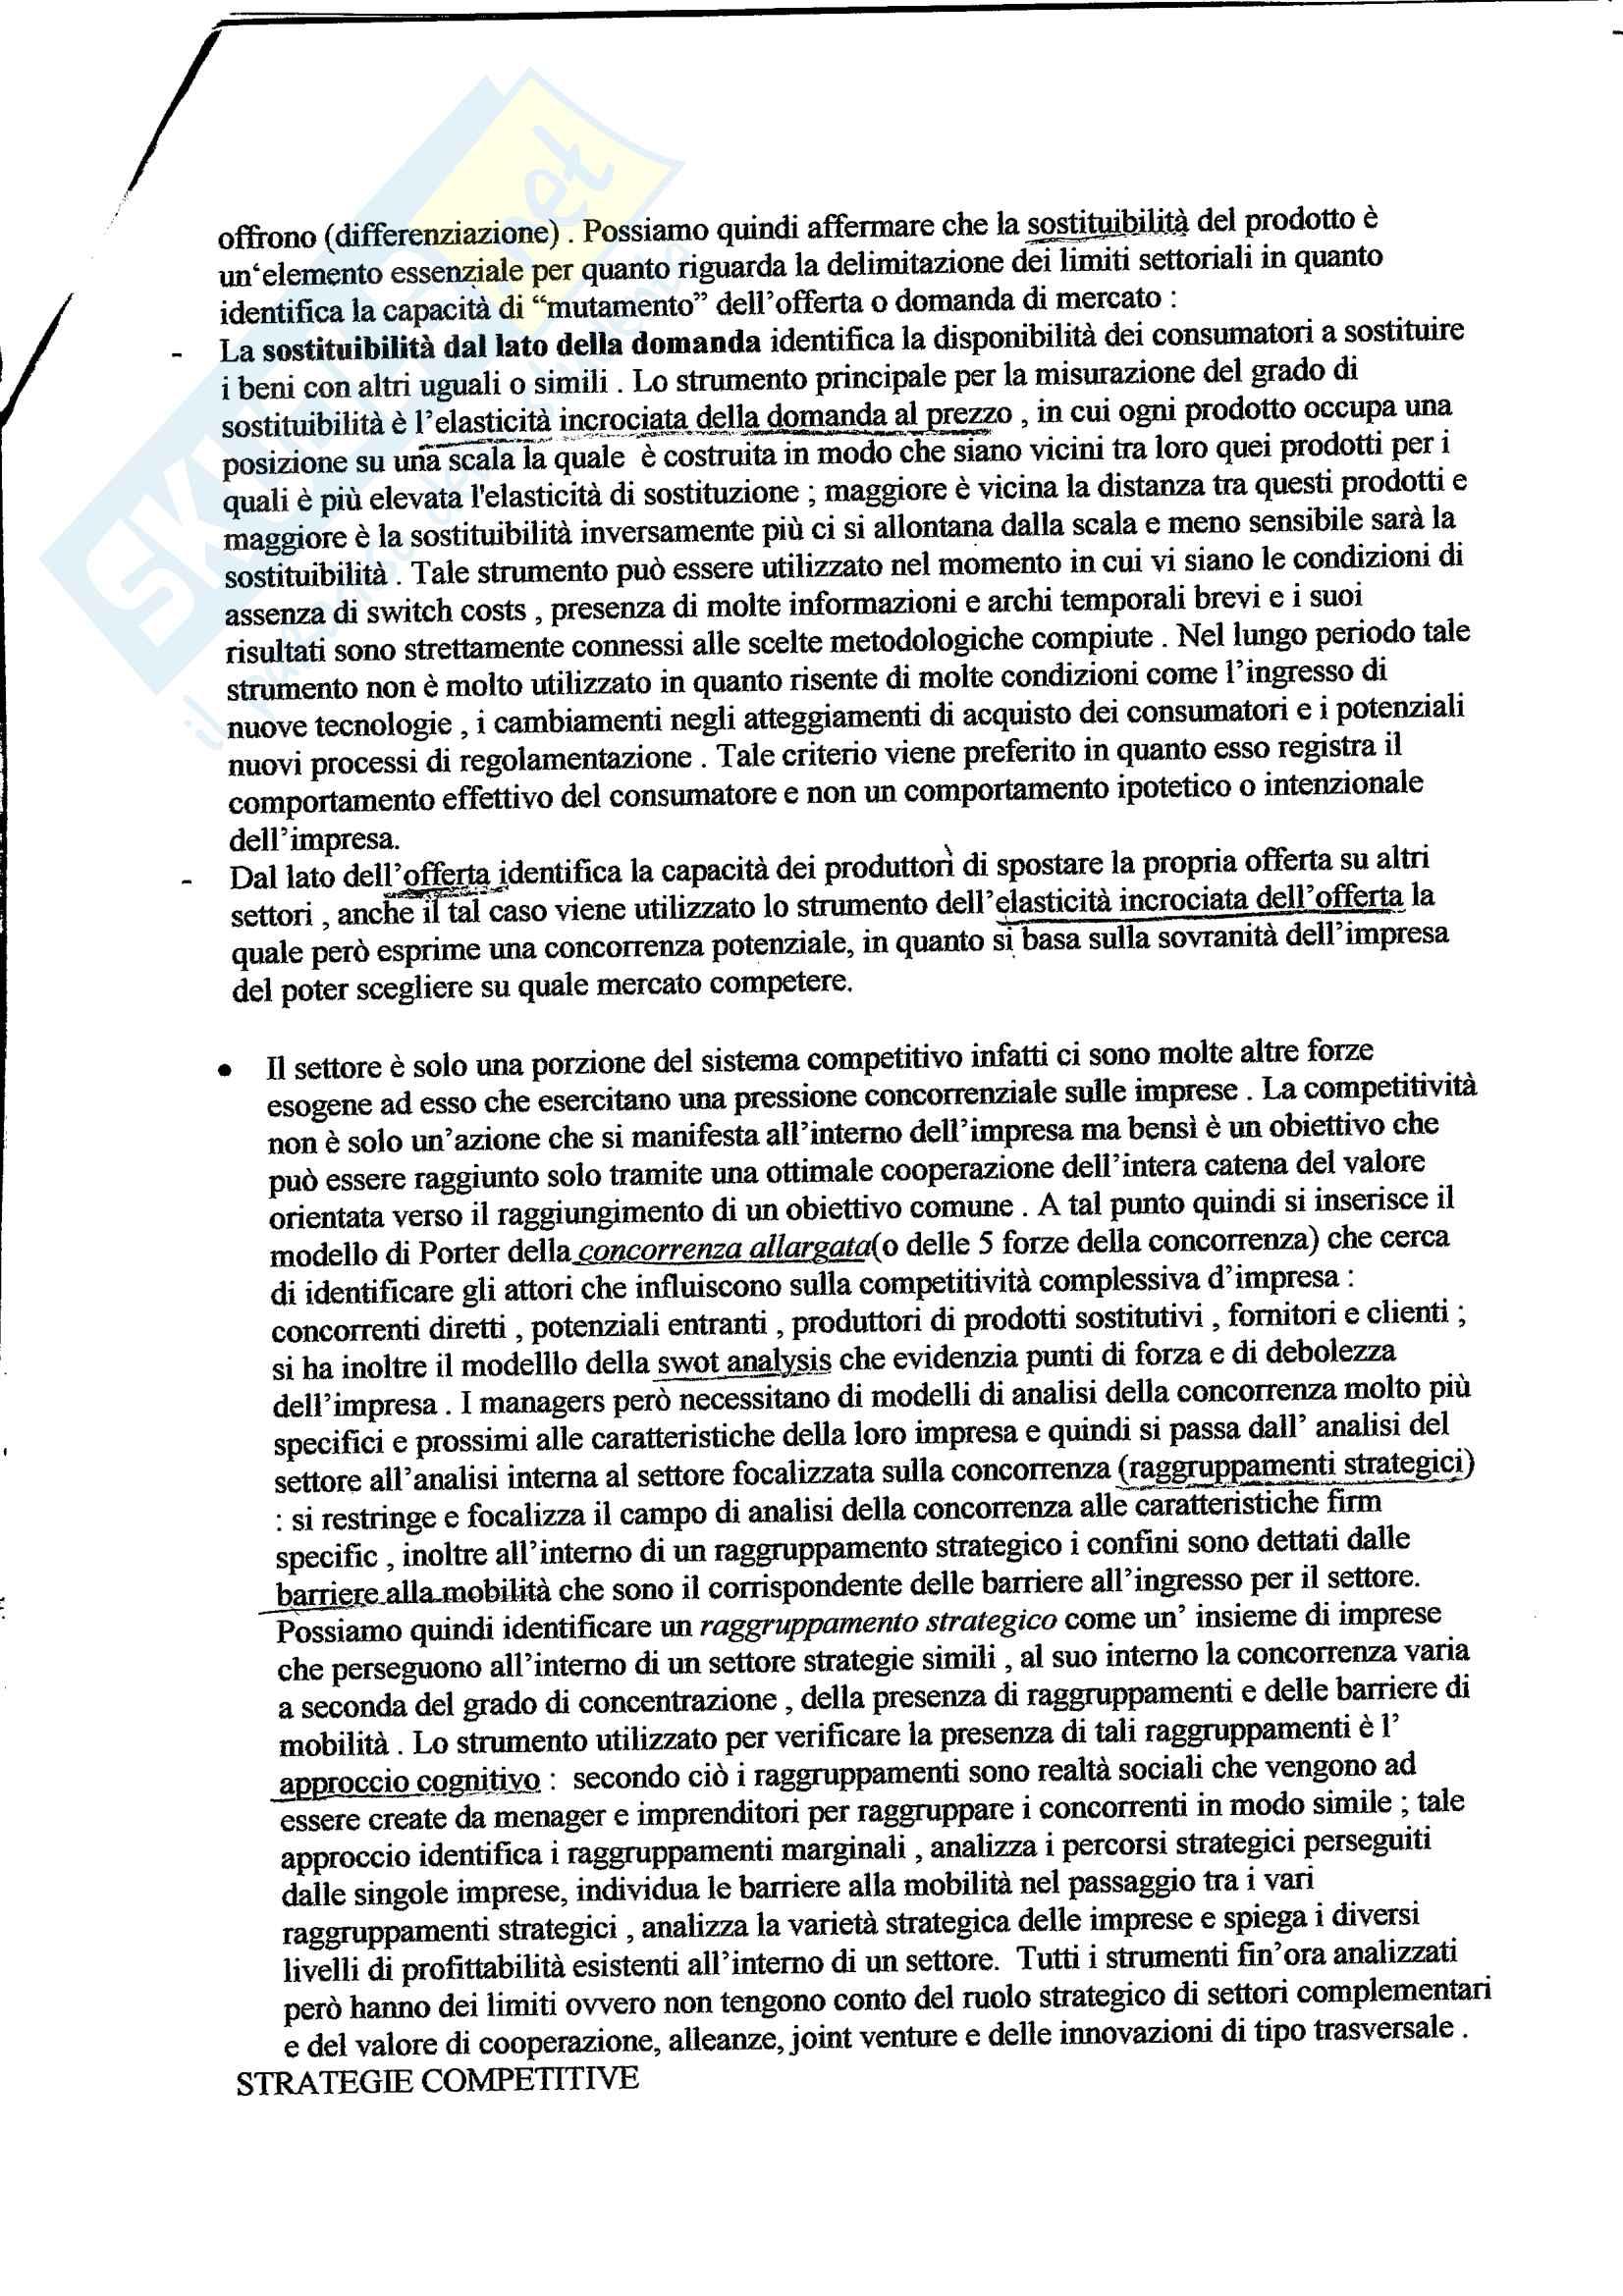 Riassunto completo Economia e management delle imprese, Prof. Francesco Rizzi Pag. 2